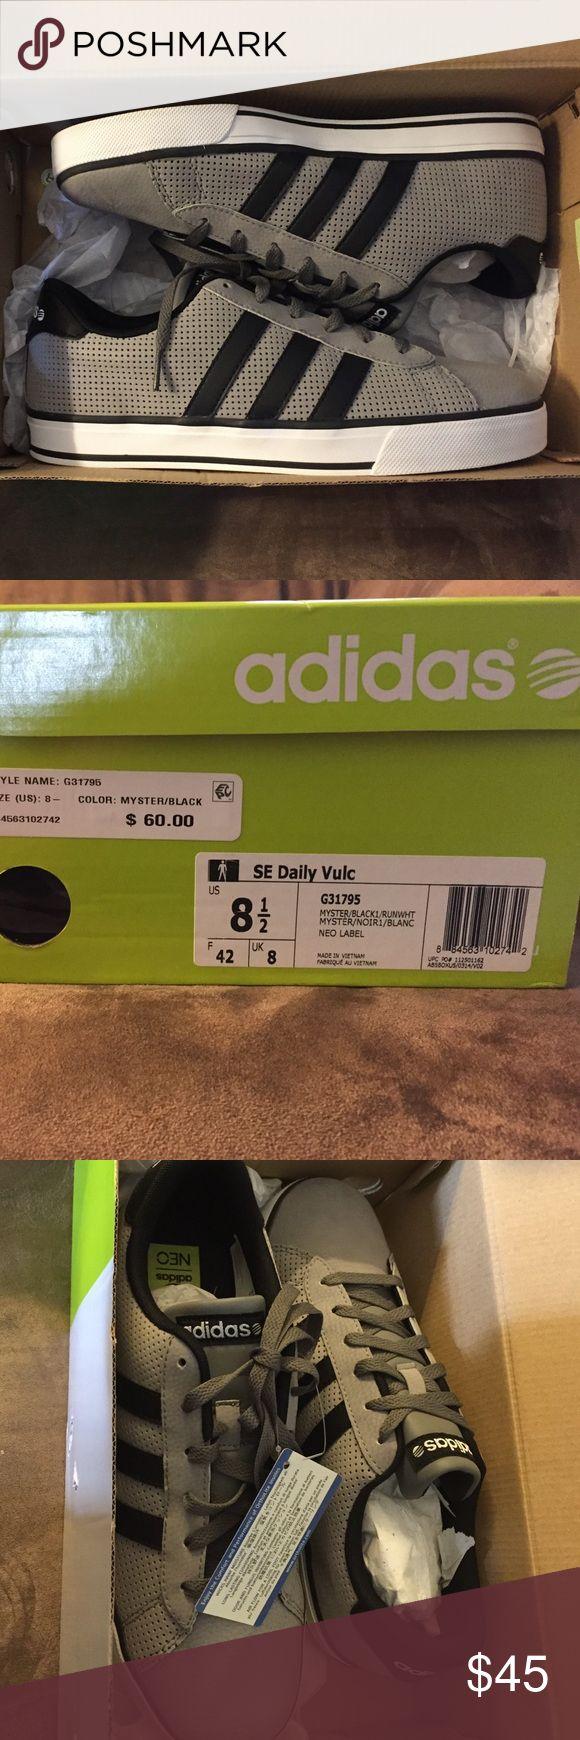 Men's Adidas Neo Sneaker Brand New Men's Adidas Neo SE Daily Vulc Sneaker adidas Shoes Sneakers